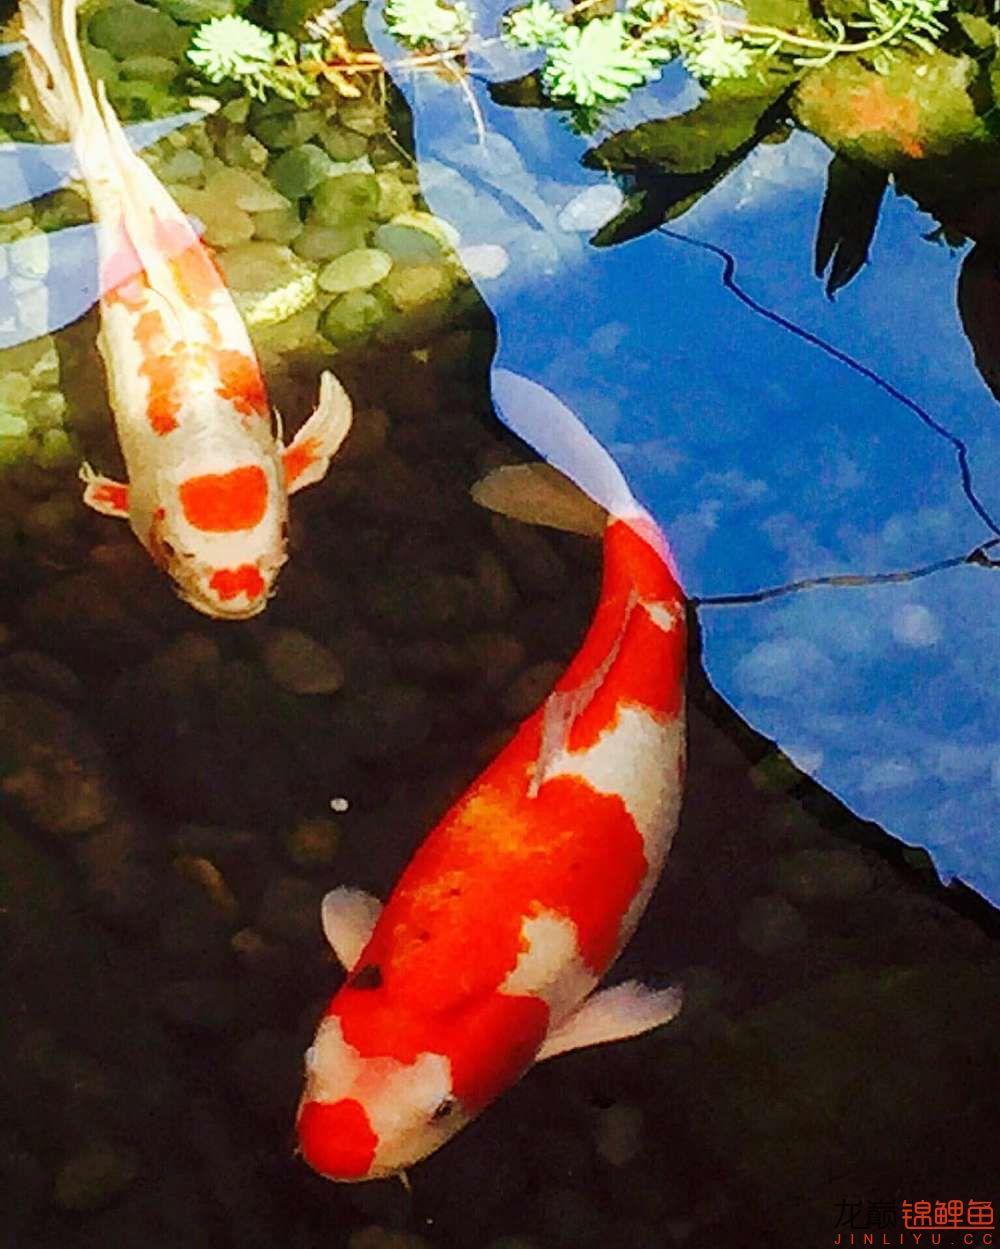 欣赏漂亮的小水池 元宝凤凰鱼相关 元宝凤凰鱼第12张